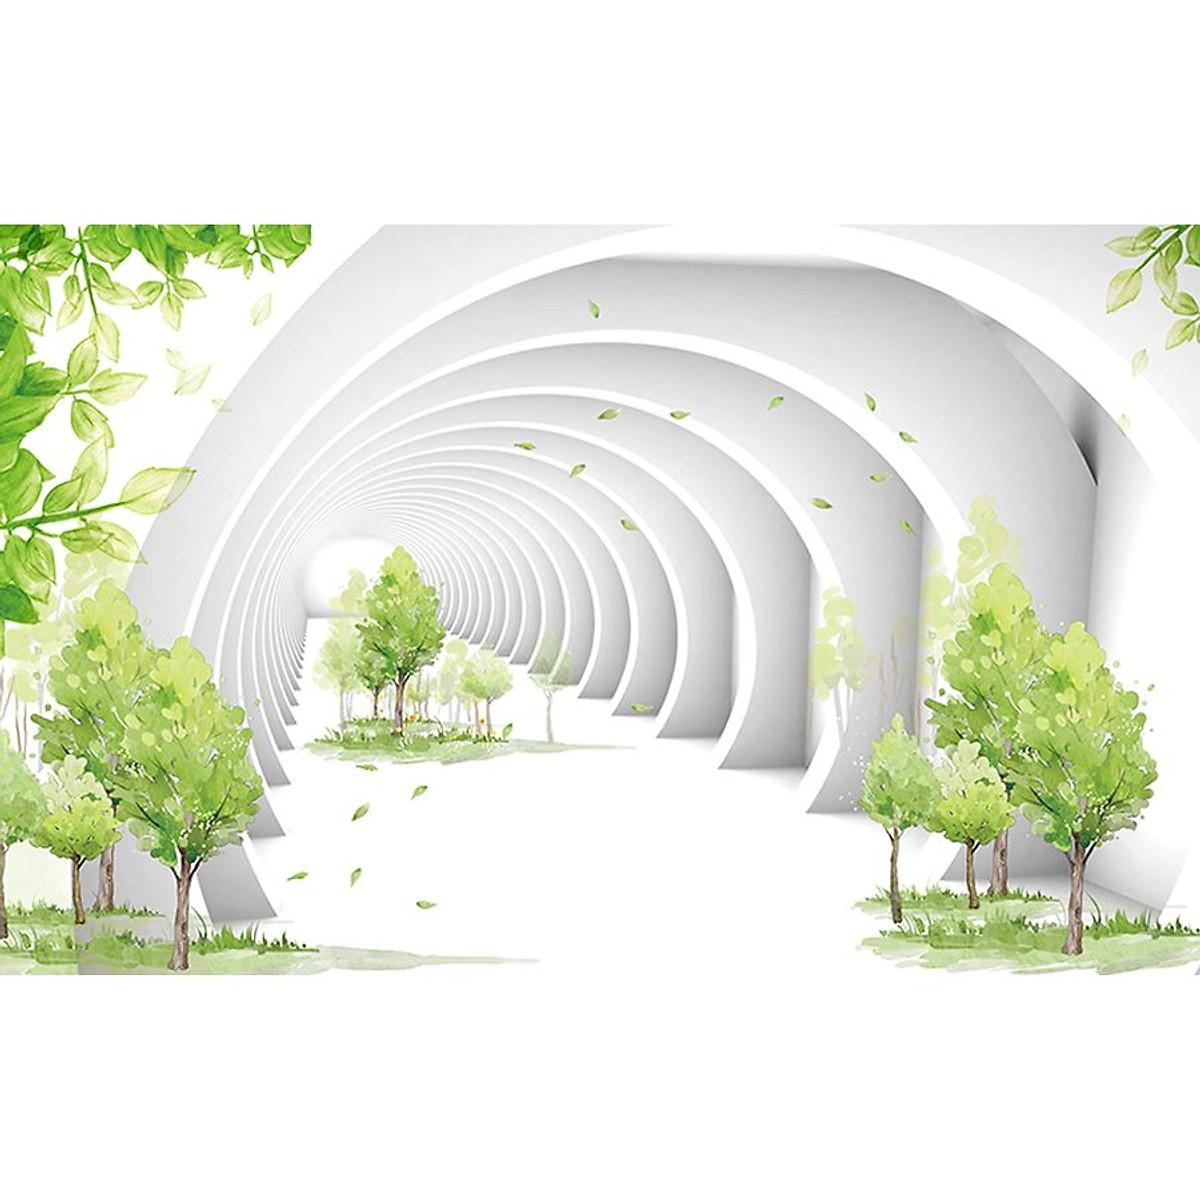 Tranh 3D dán tường | Tranh trang trí nhà cửa | 3D_3DPQ_058 - 1